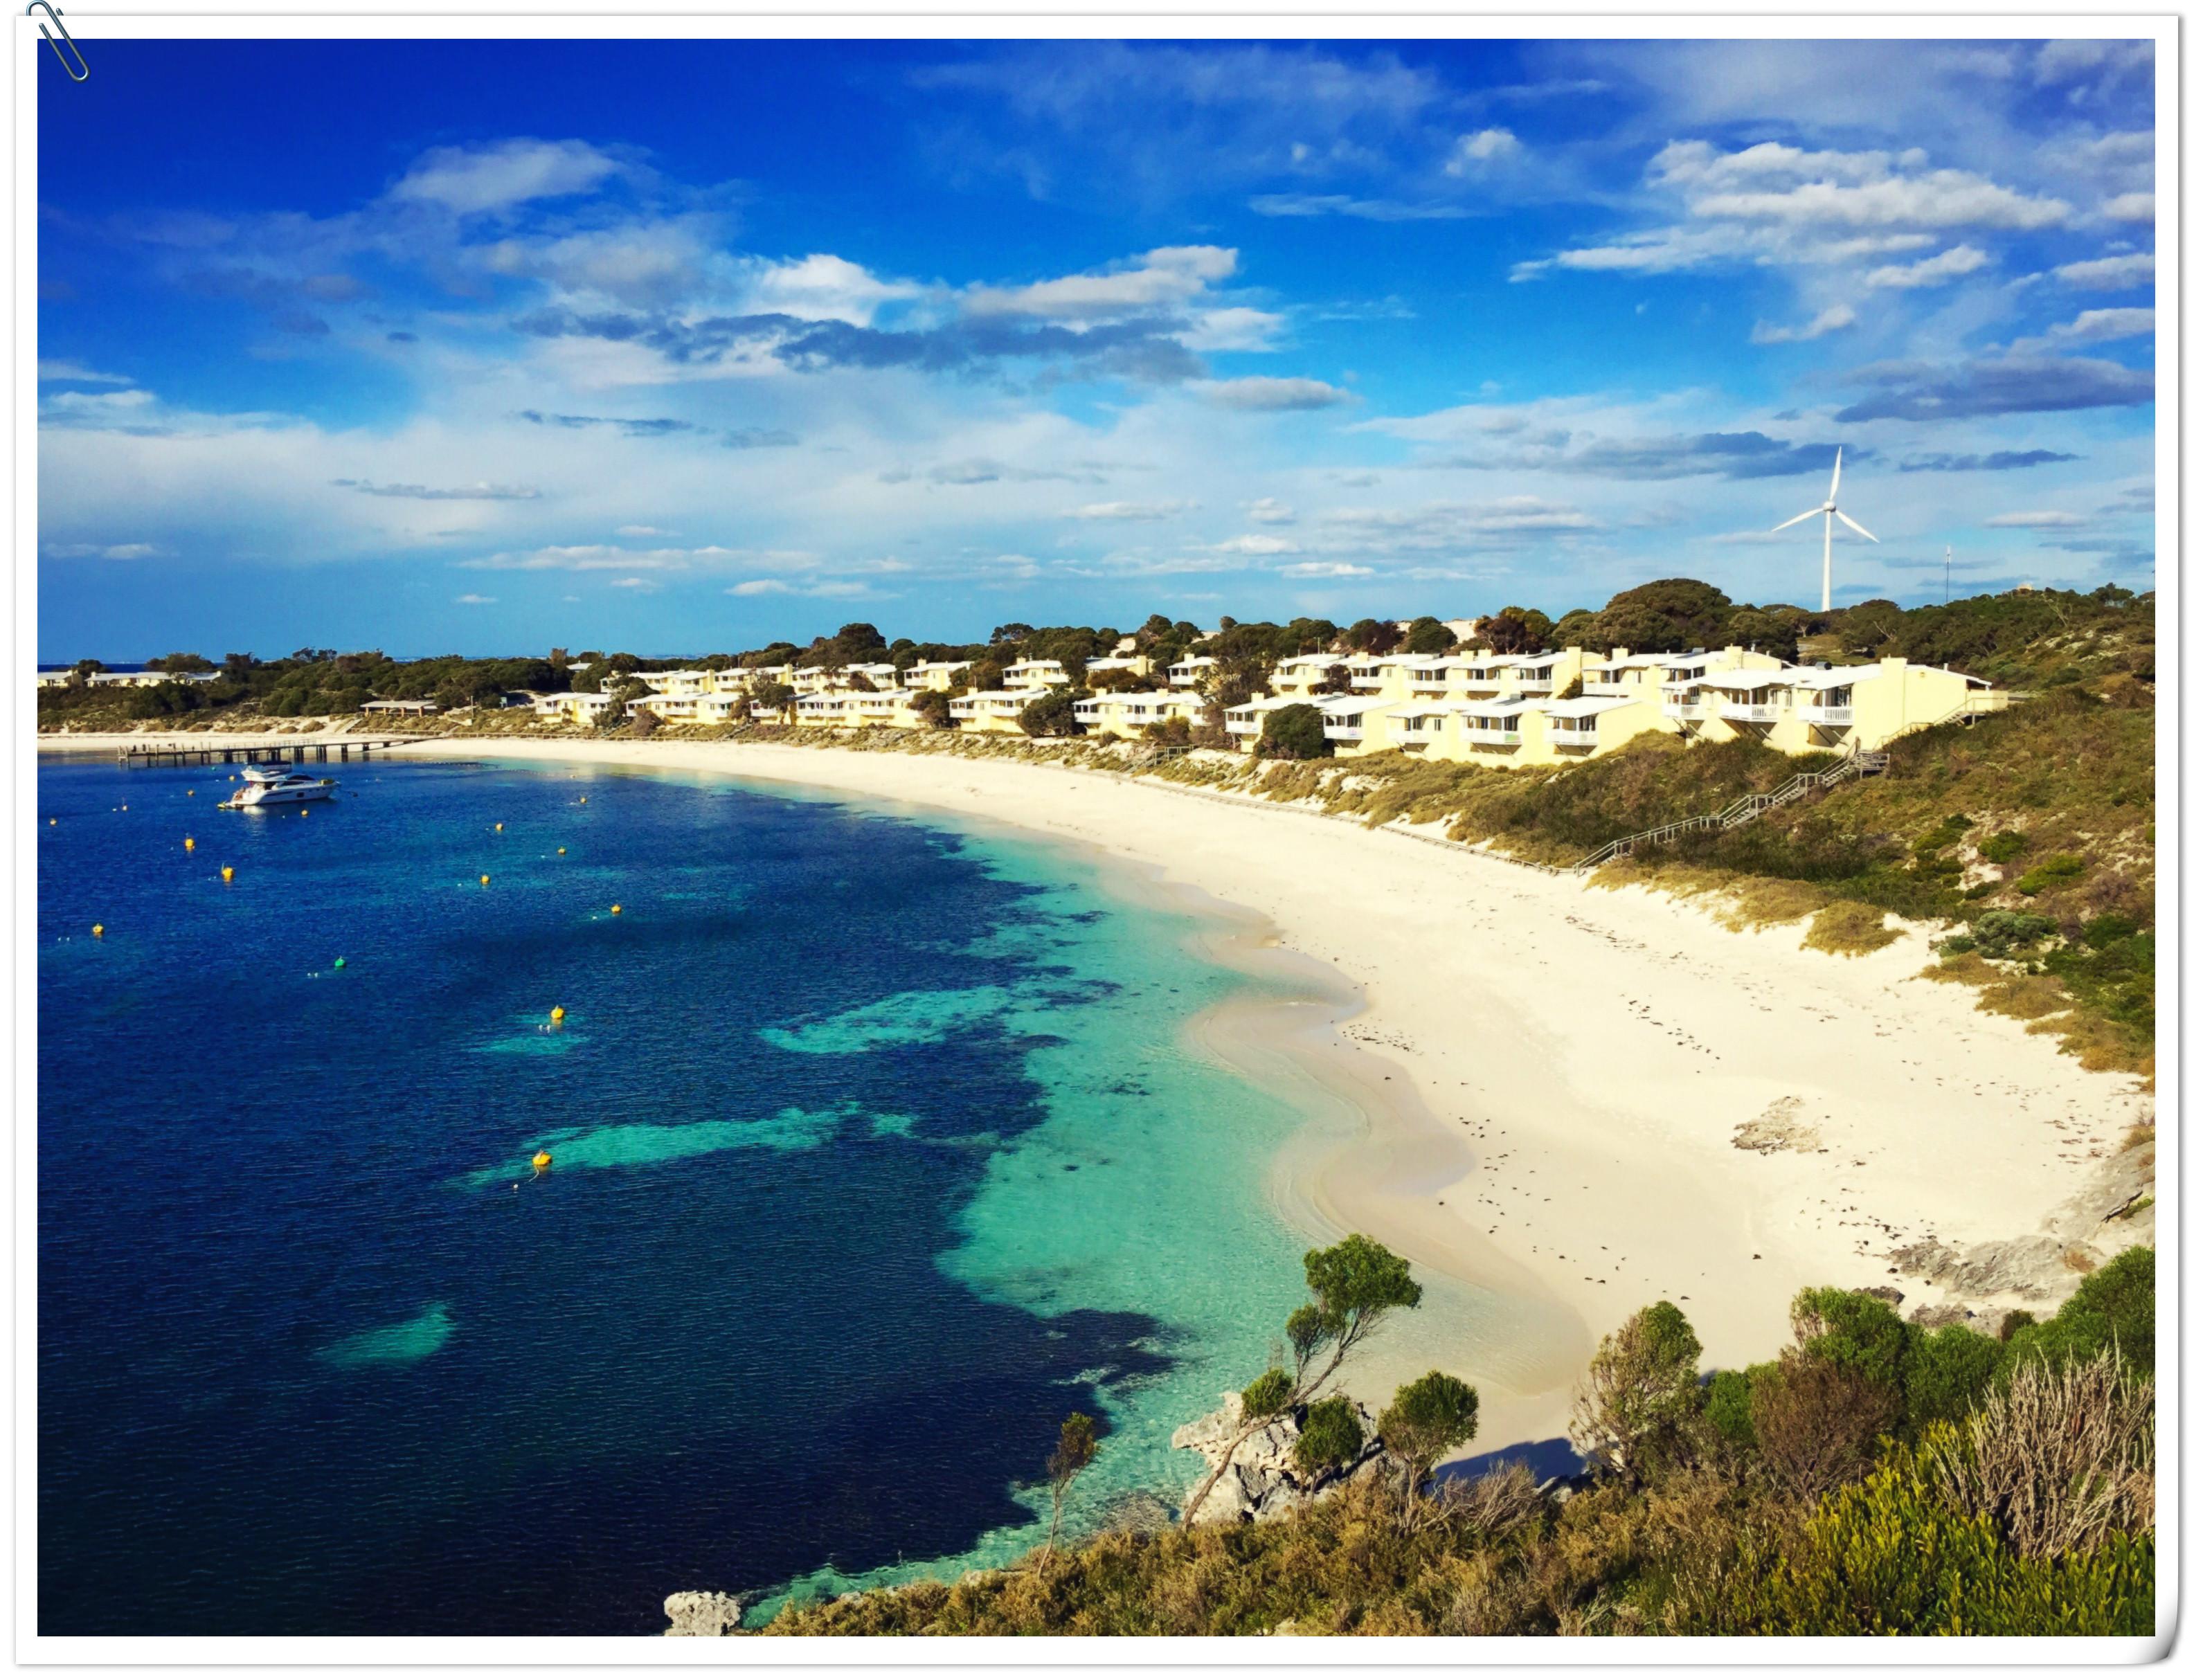 洛特尼斯岛旅游景点攻略图